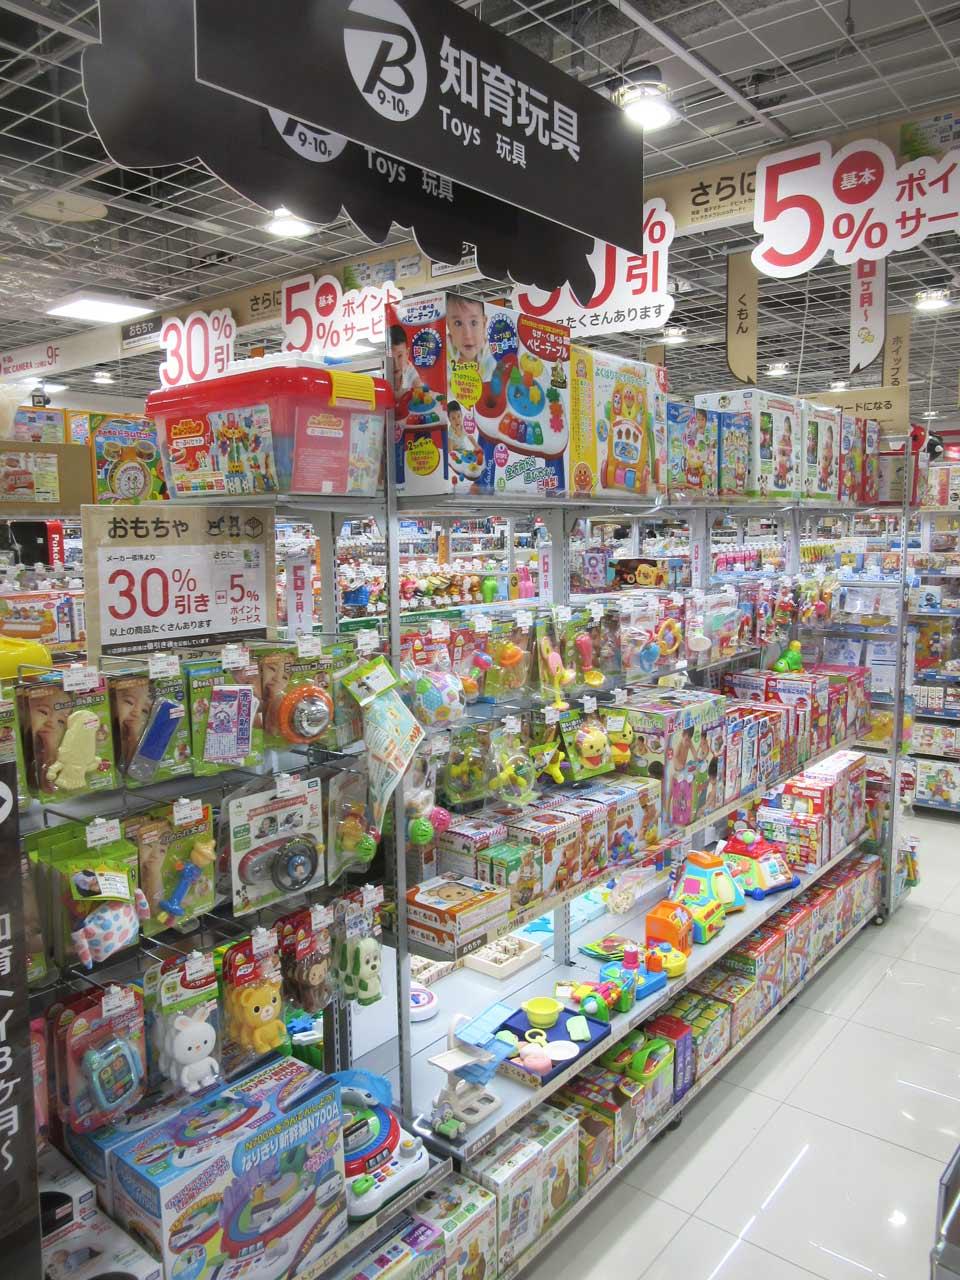 拡充している家電量販店の知育玩具コーナー(ビックカメラ 名古屋JRゲートタワー店オープン時)